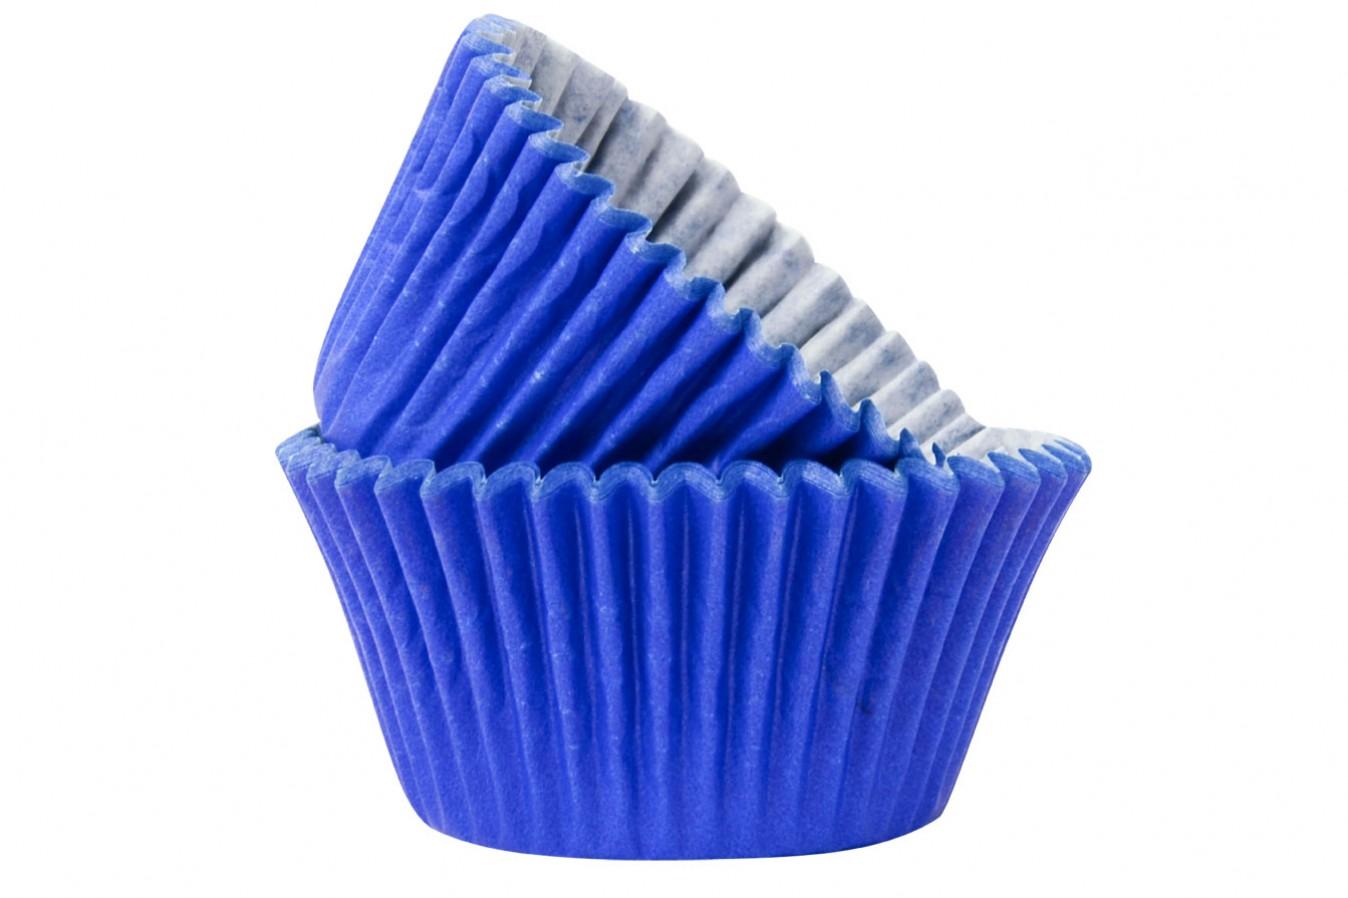 Caissettes à Cupcake - Bleu Foncé - Lot de 50